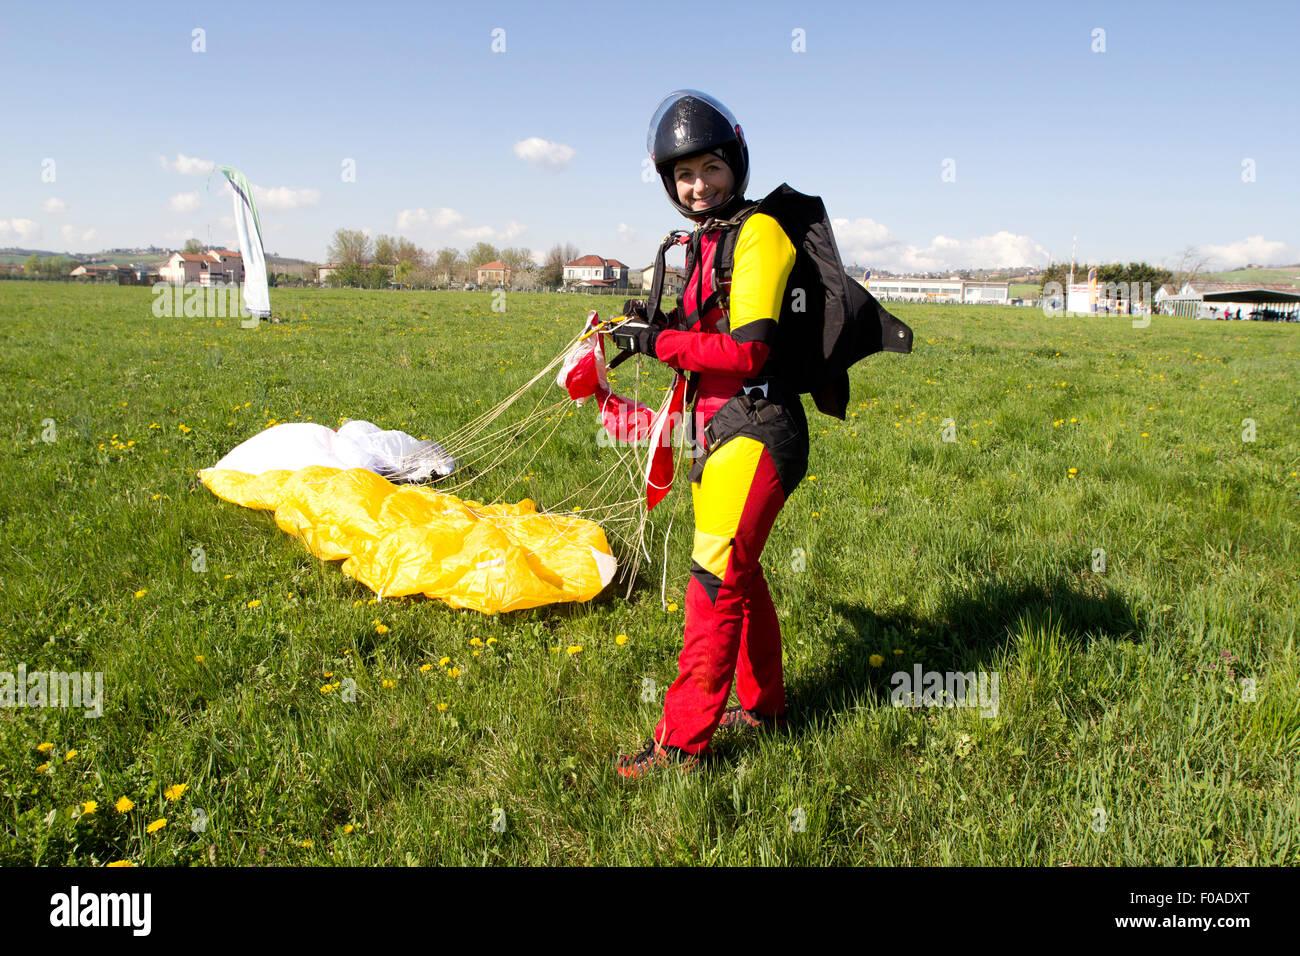 Heureux parachutiste après jump Photo Stock